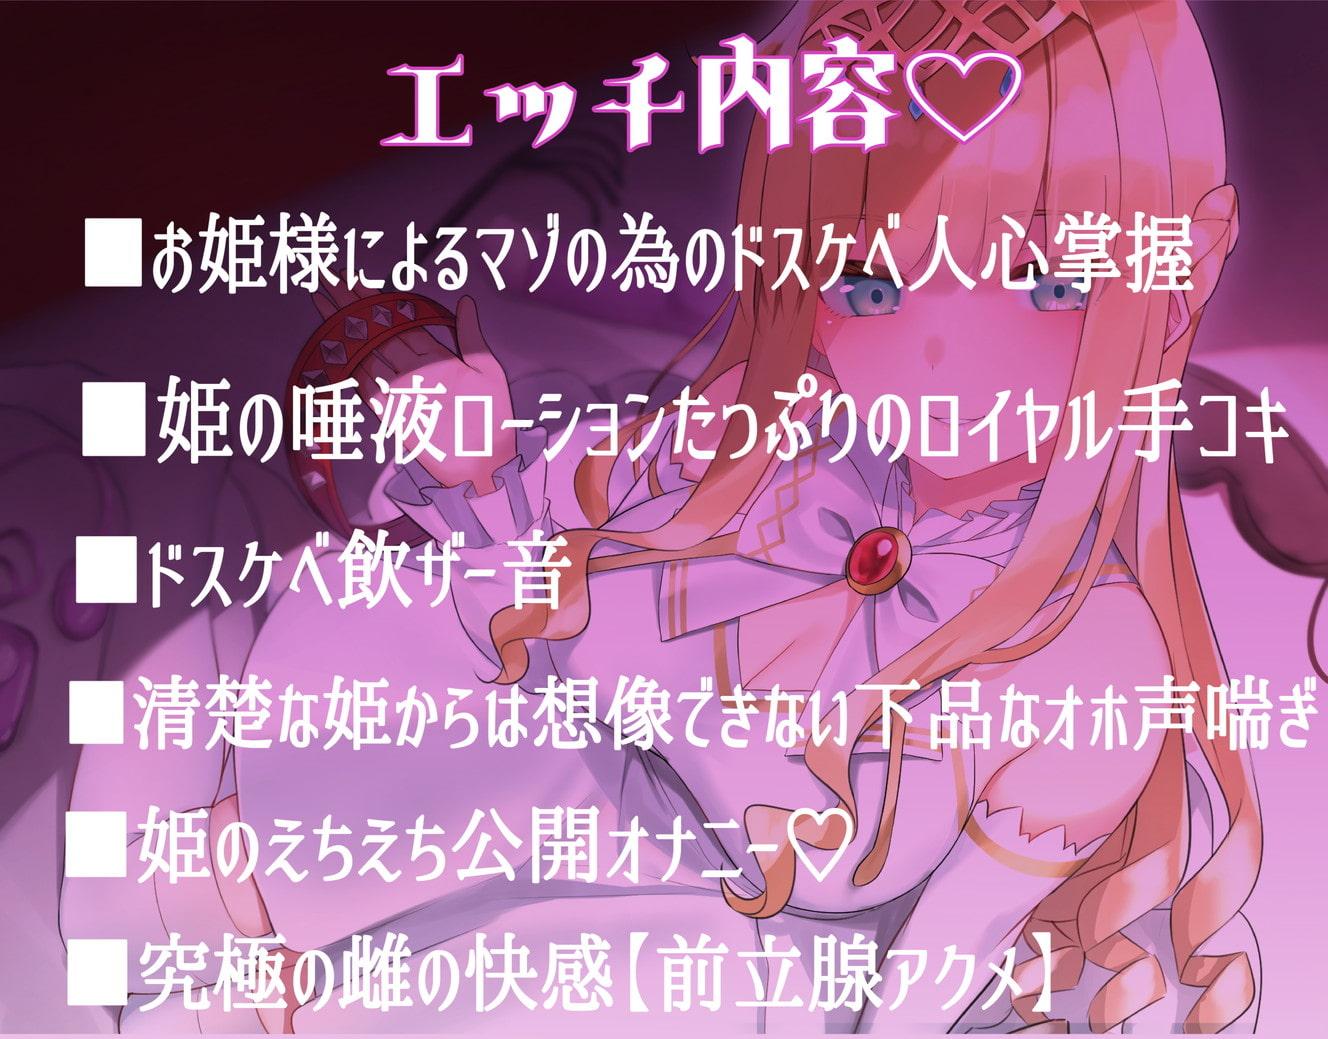 ドスケベお姫様の性欲処理係~感覚共有リングでトロアへ雌堕ち~